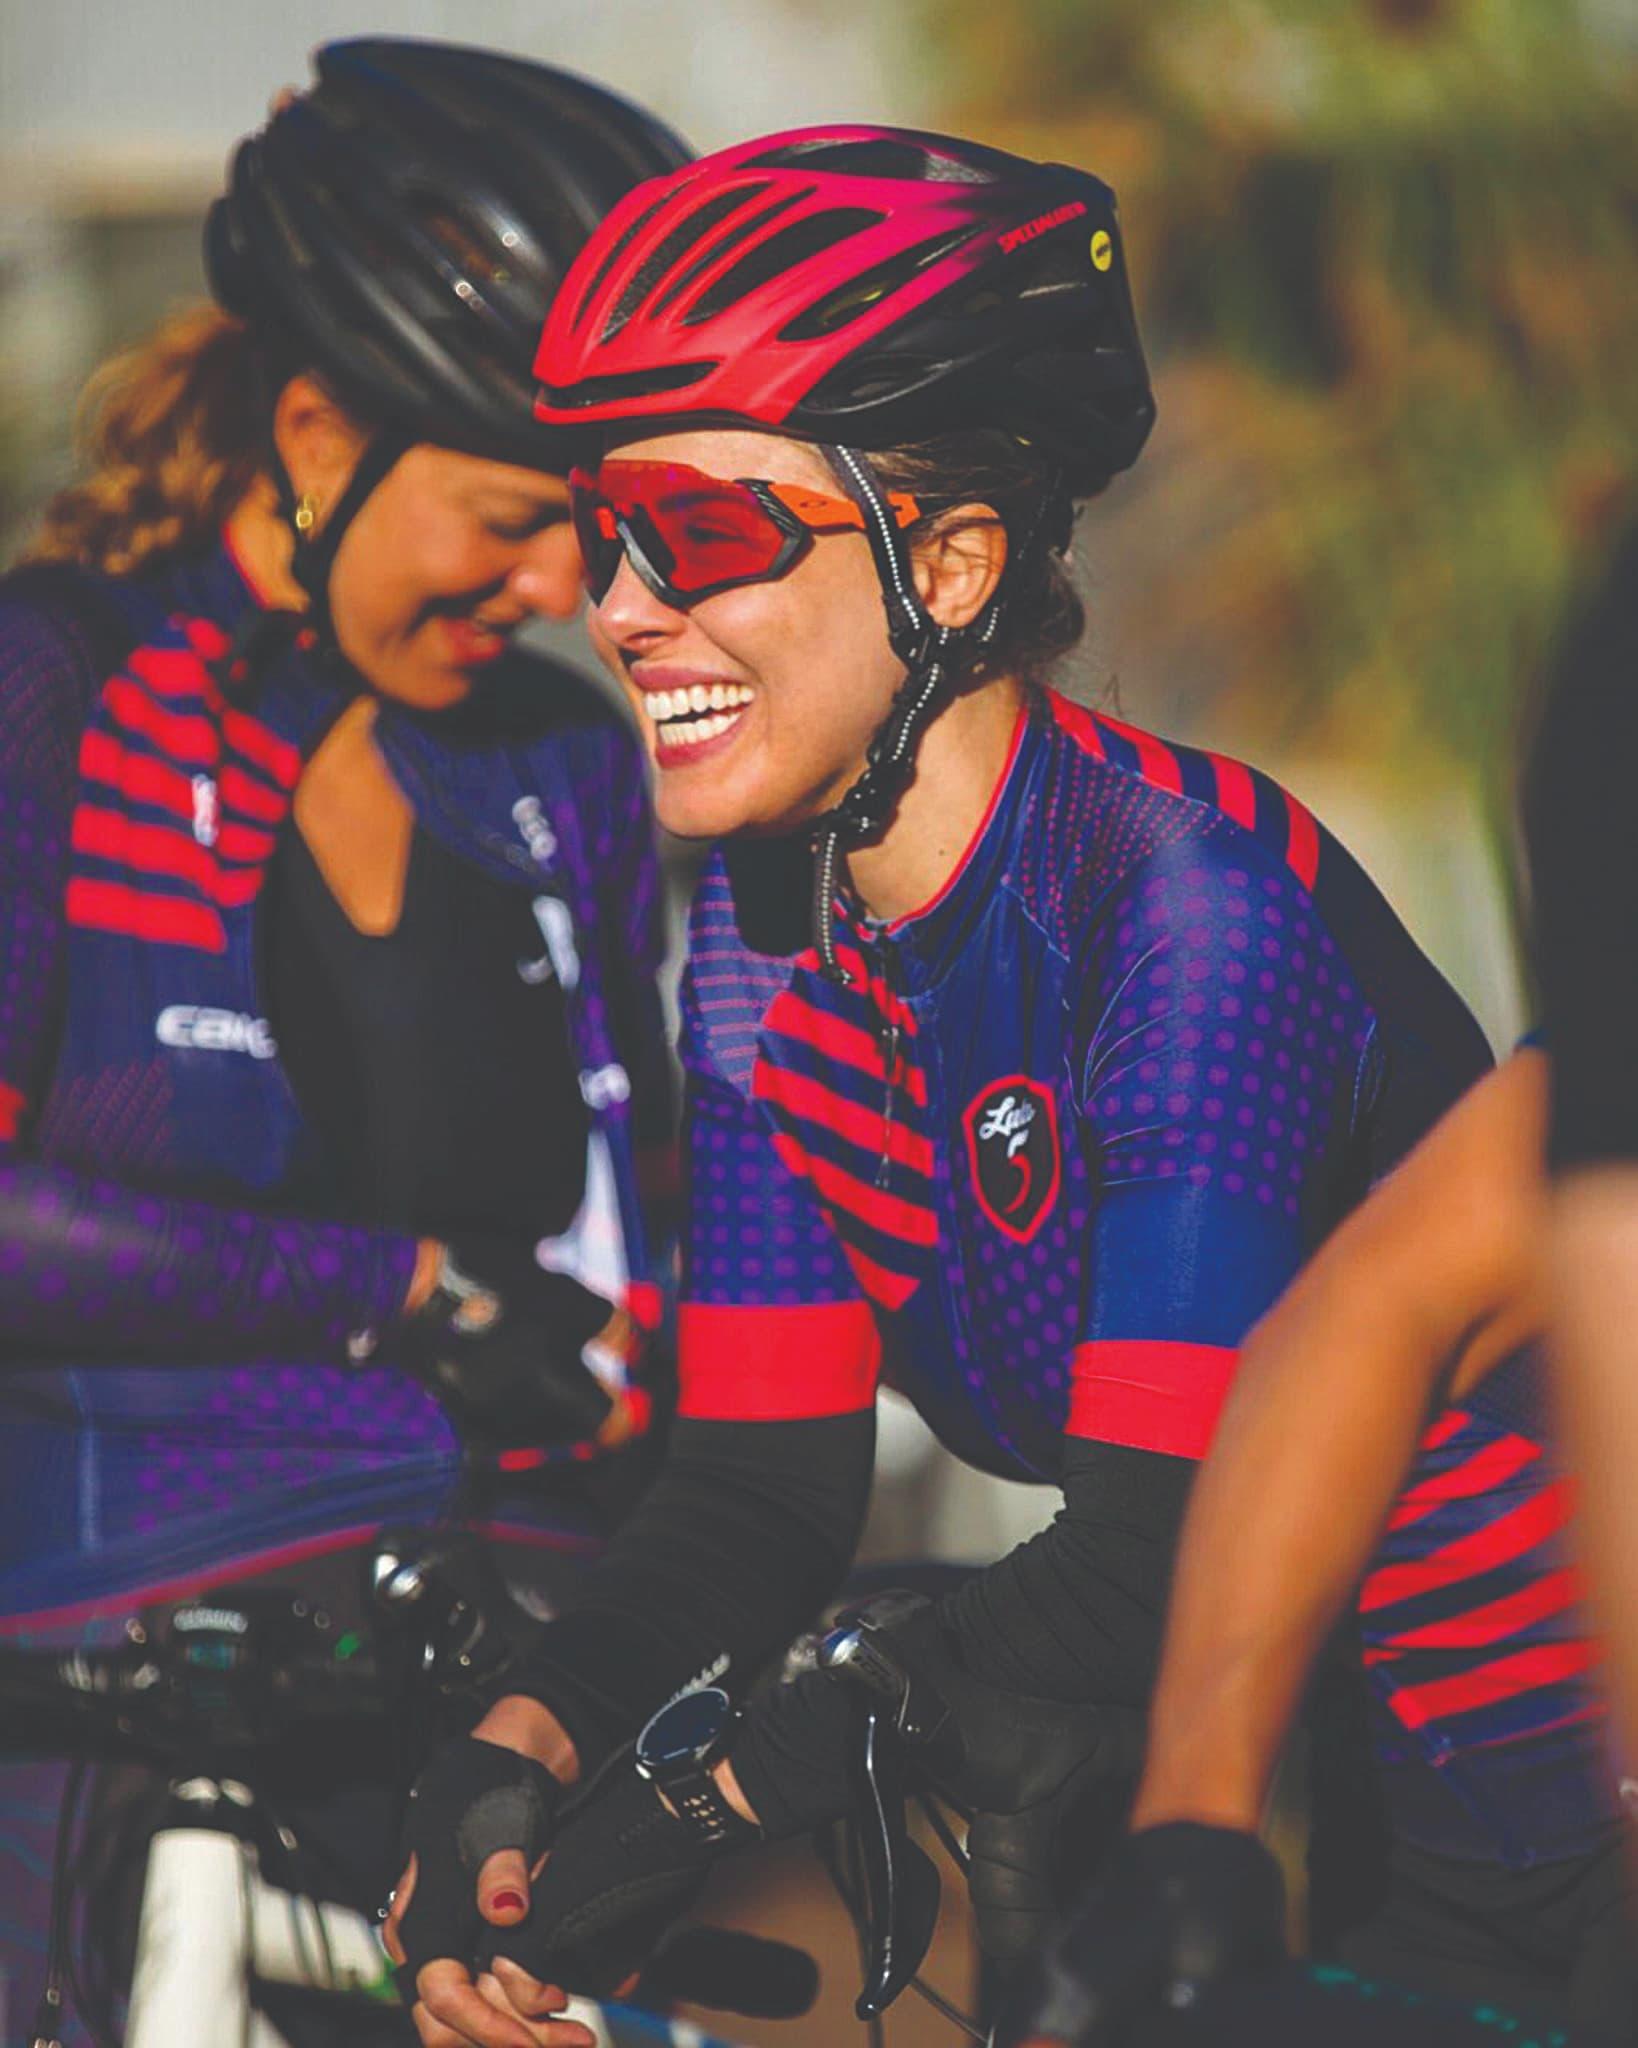 Mobilidade: A força feminina no ciclismo